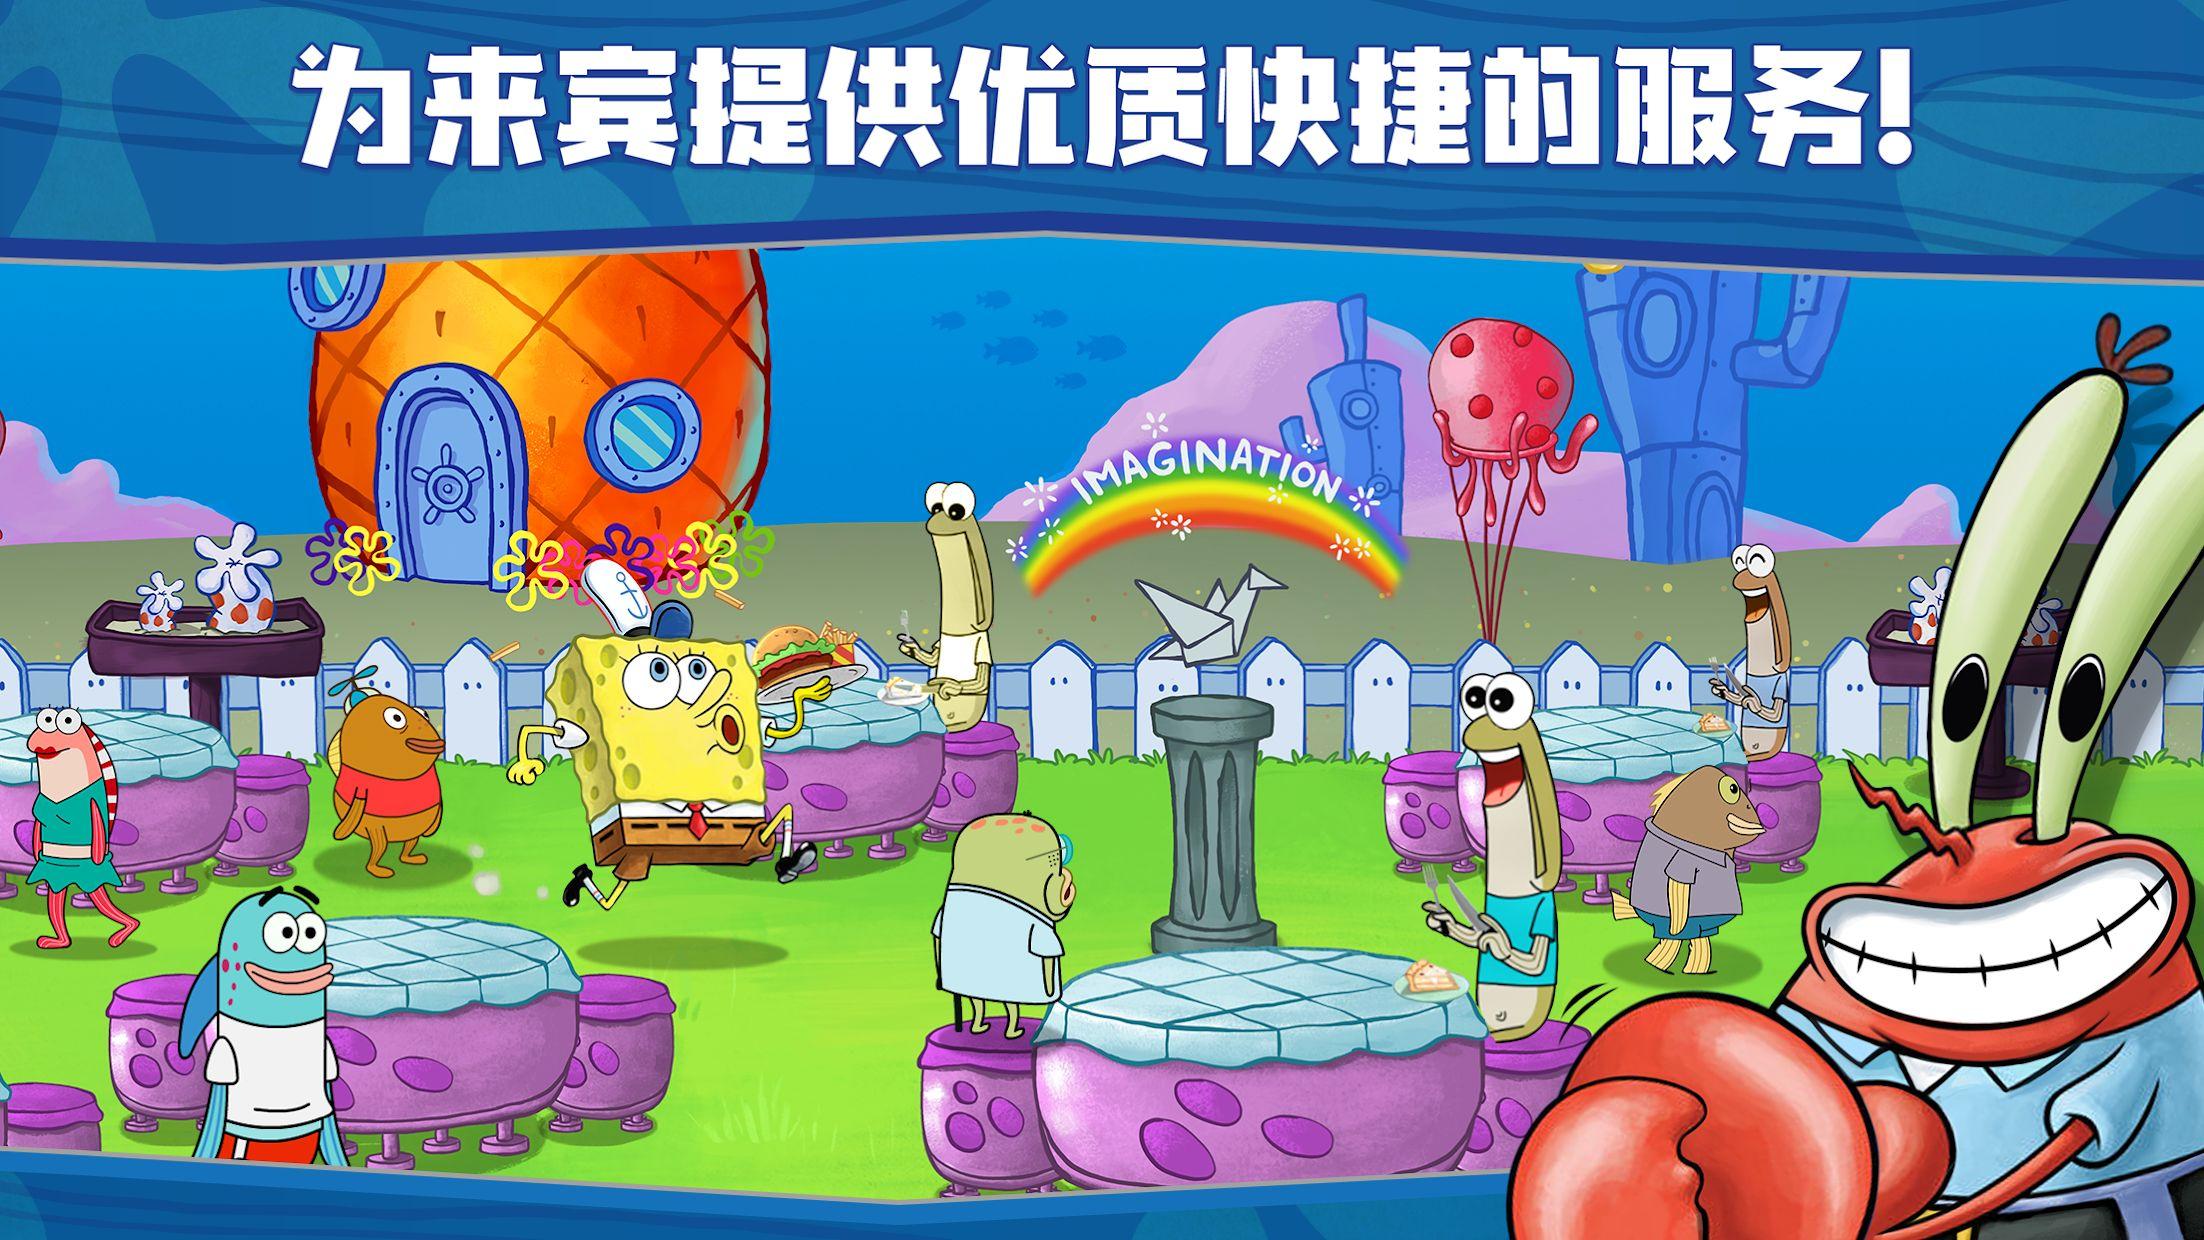 海绵宝宝: 大闹蟹堡王 游戏截图3